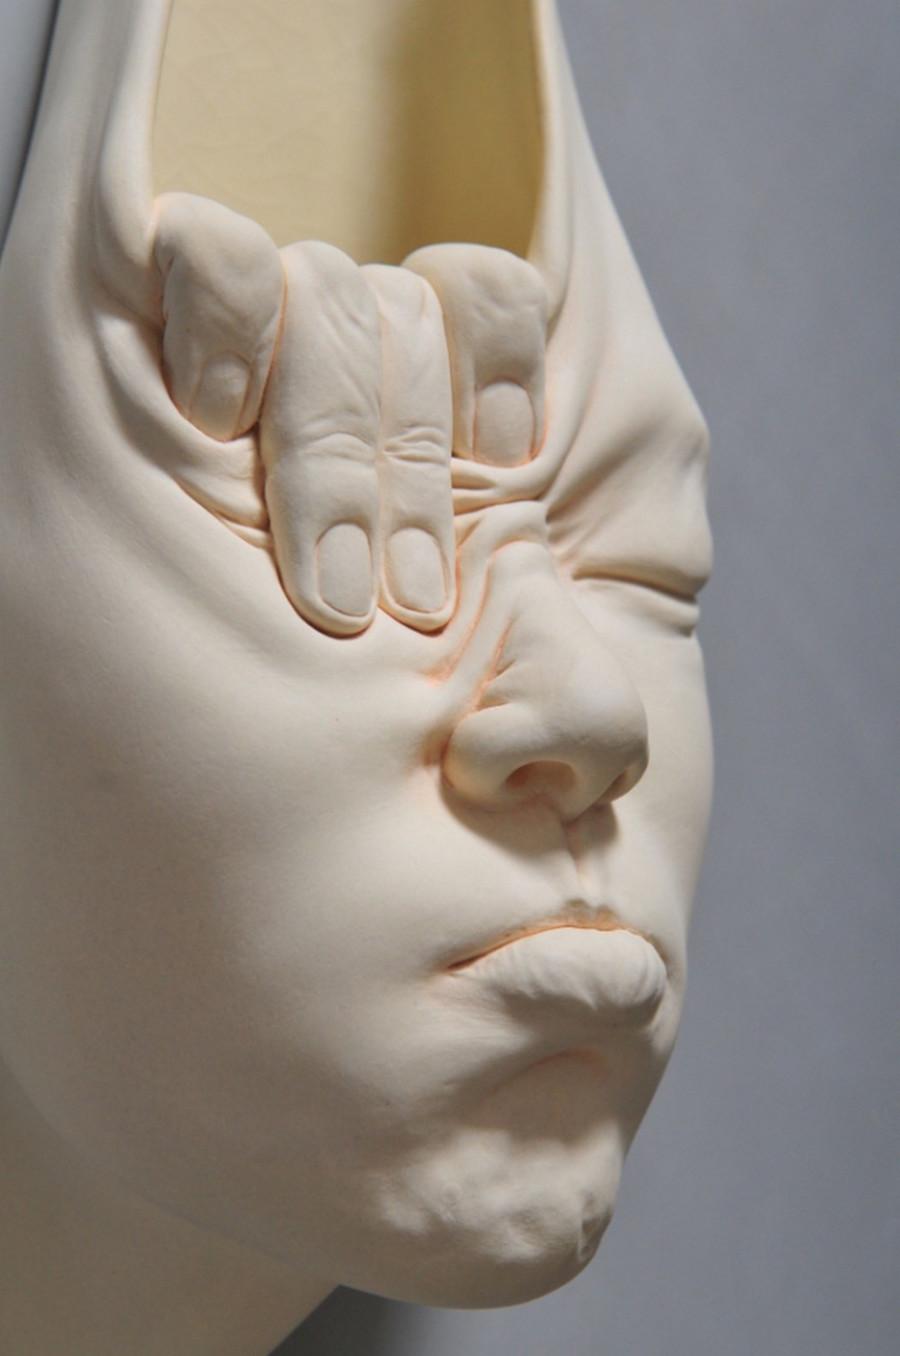 Minti deschise: Sculpturi suprarealiste din portelan - Poza 2